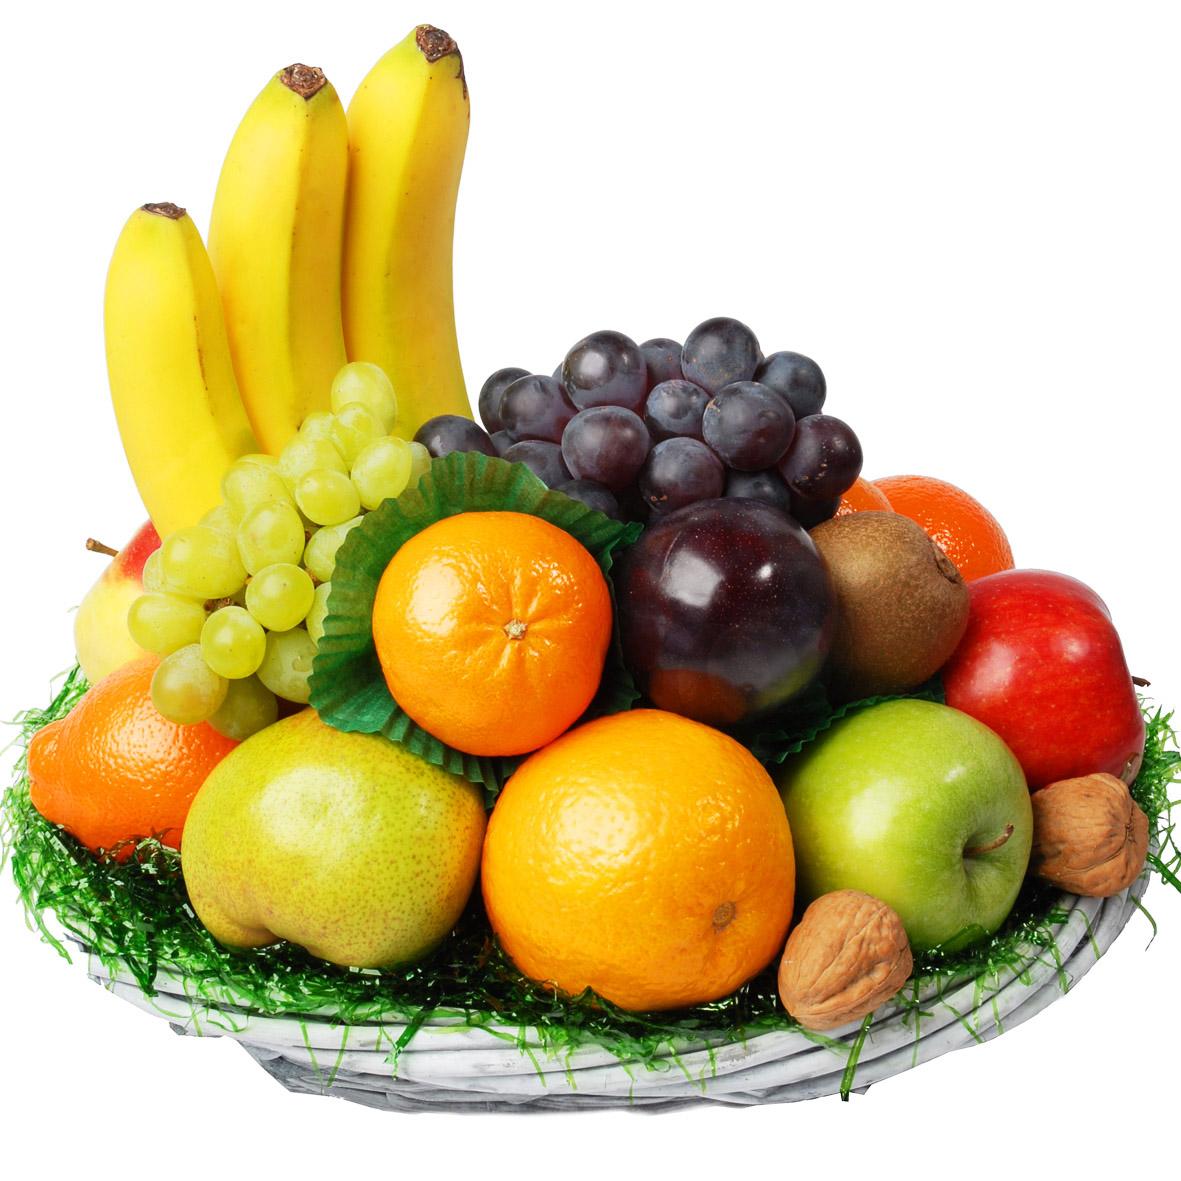 Fruitmand bezorgen